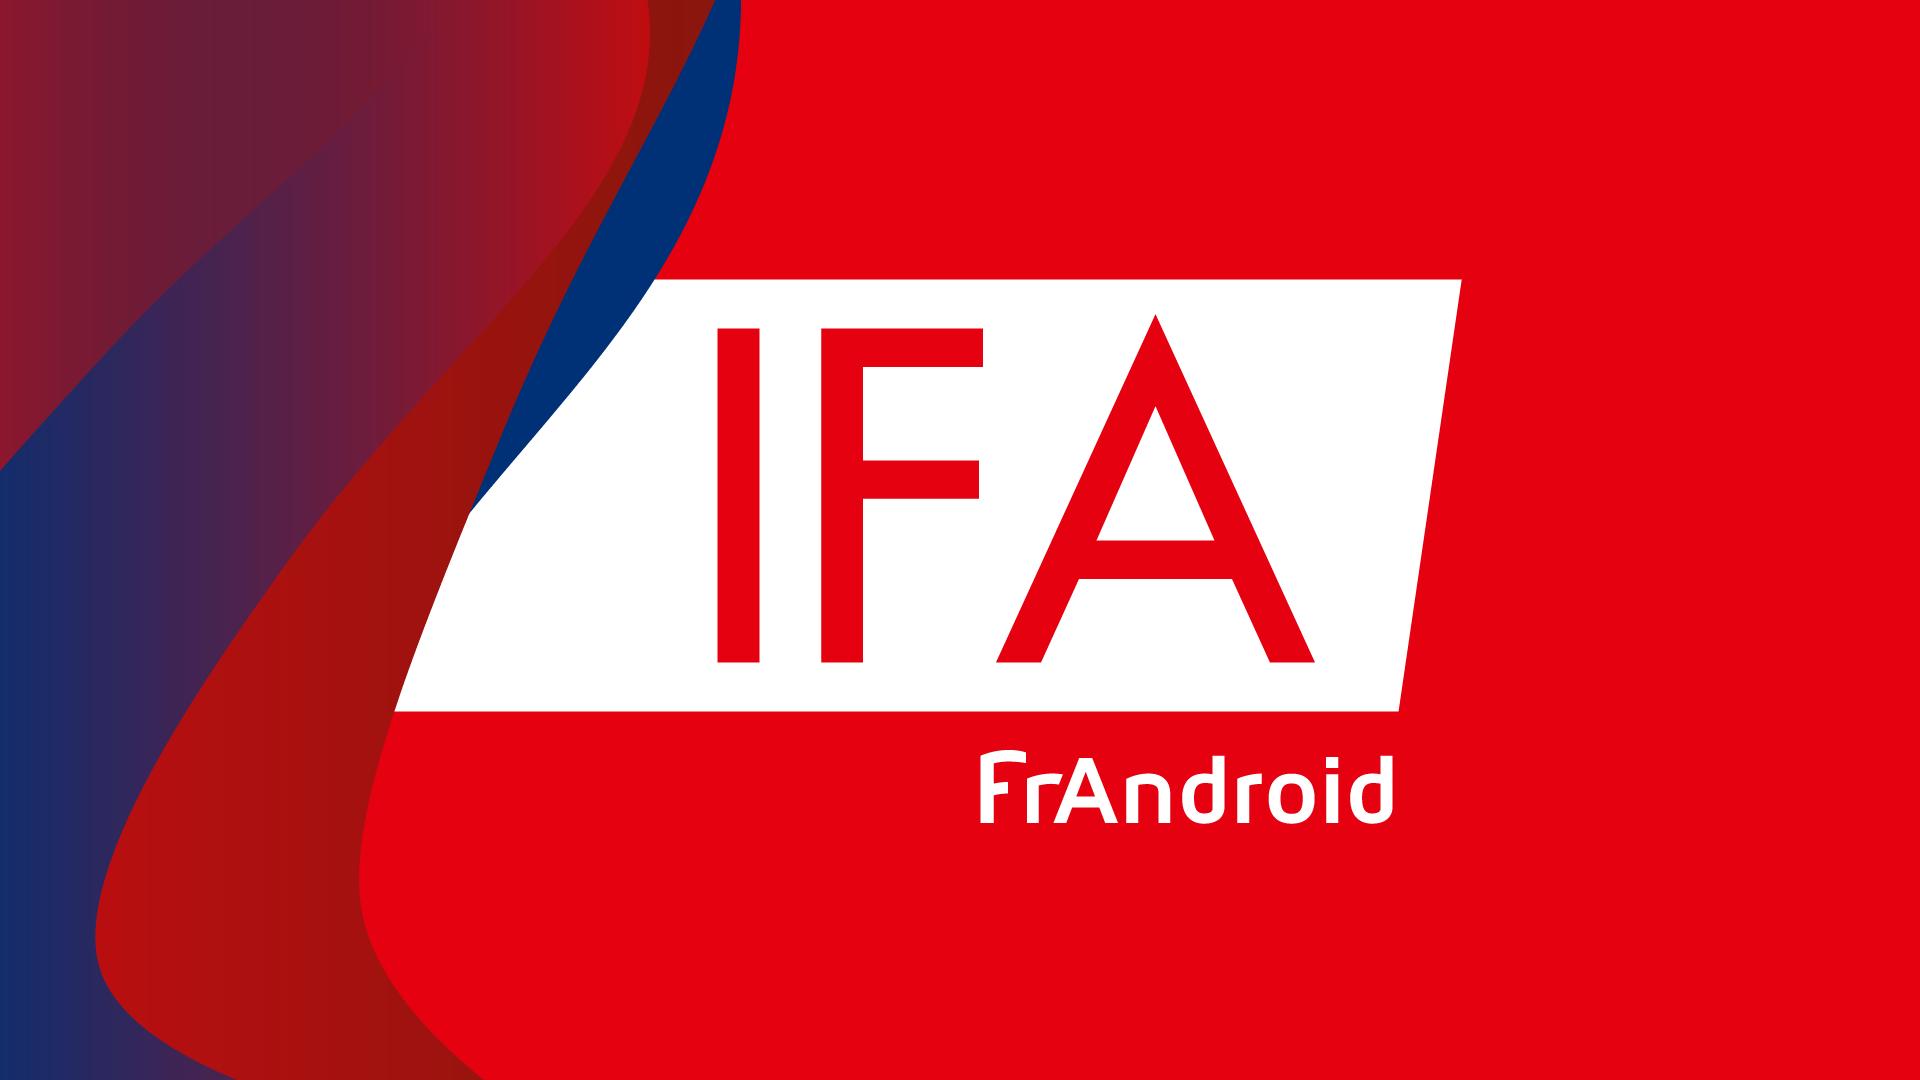 IFA 2016 : dates et conférences, tout ce qu'il faut savoir du salon de Berlin - FrAndroid